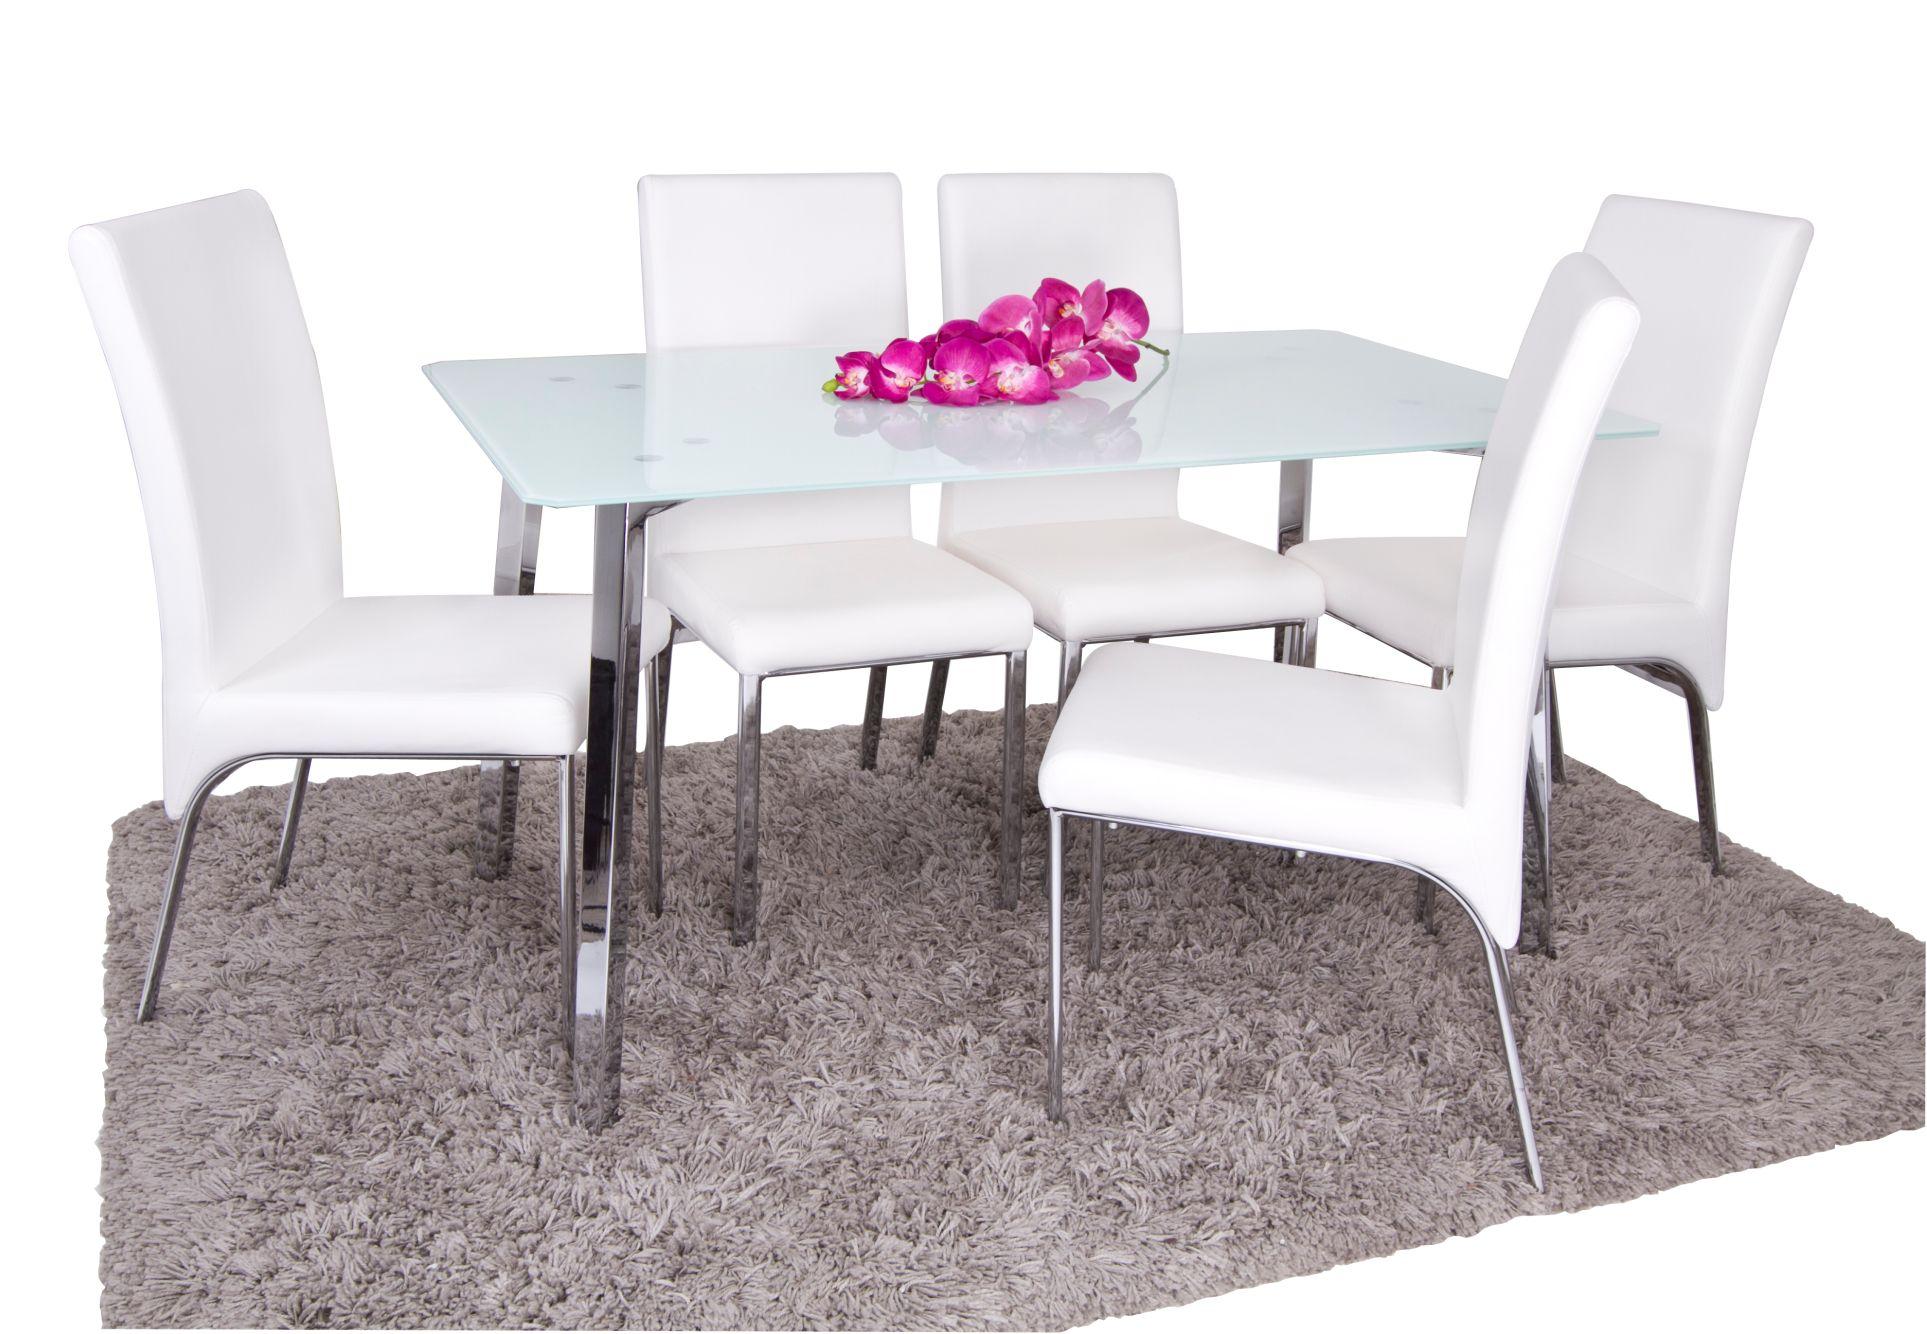 Piccola E Grande Calidad Dise O Confort Y Servicio En Muebles # Luverpool Muebles